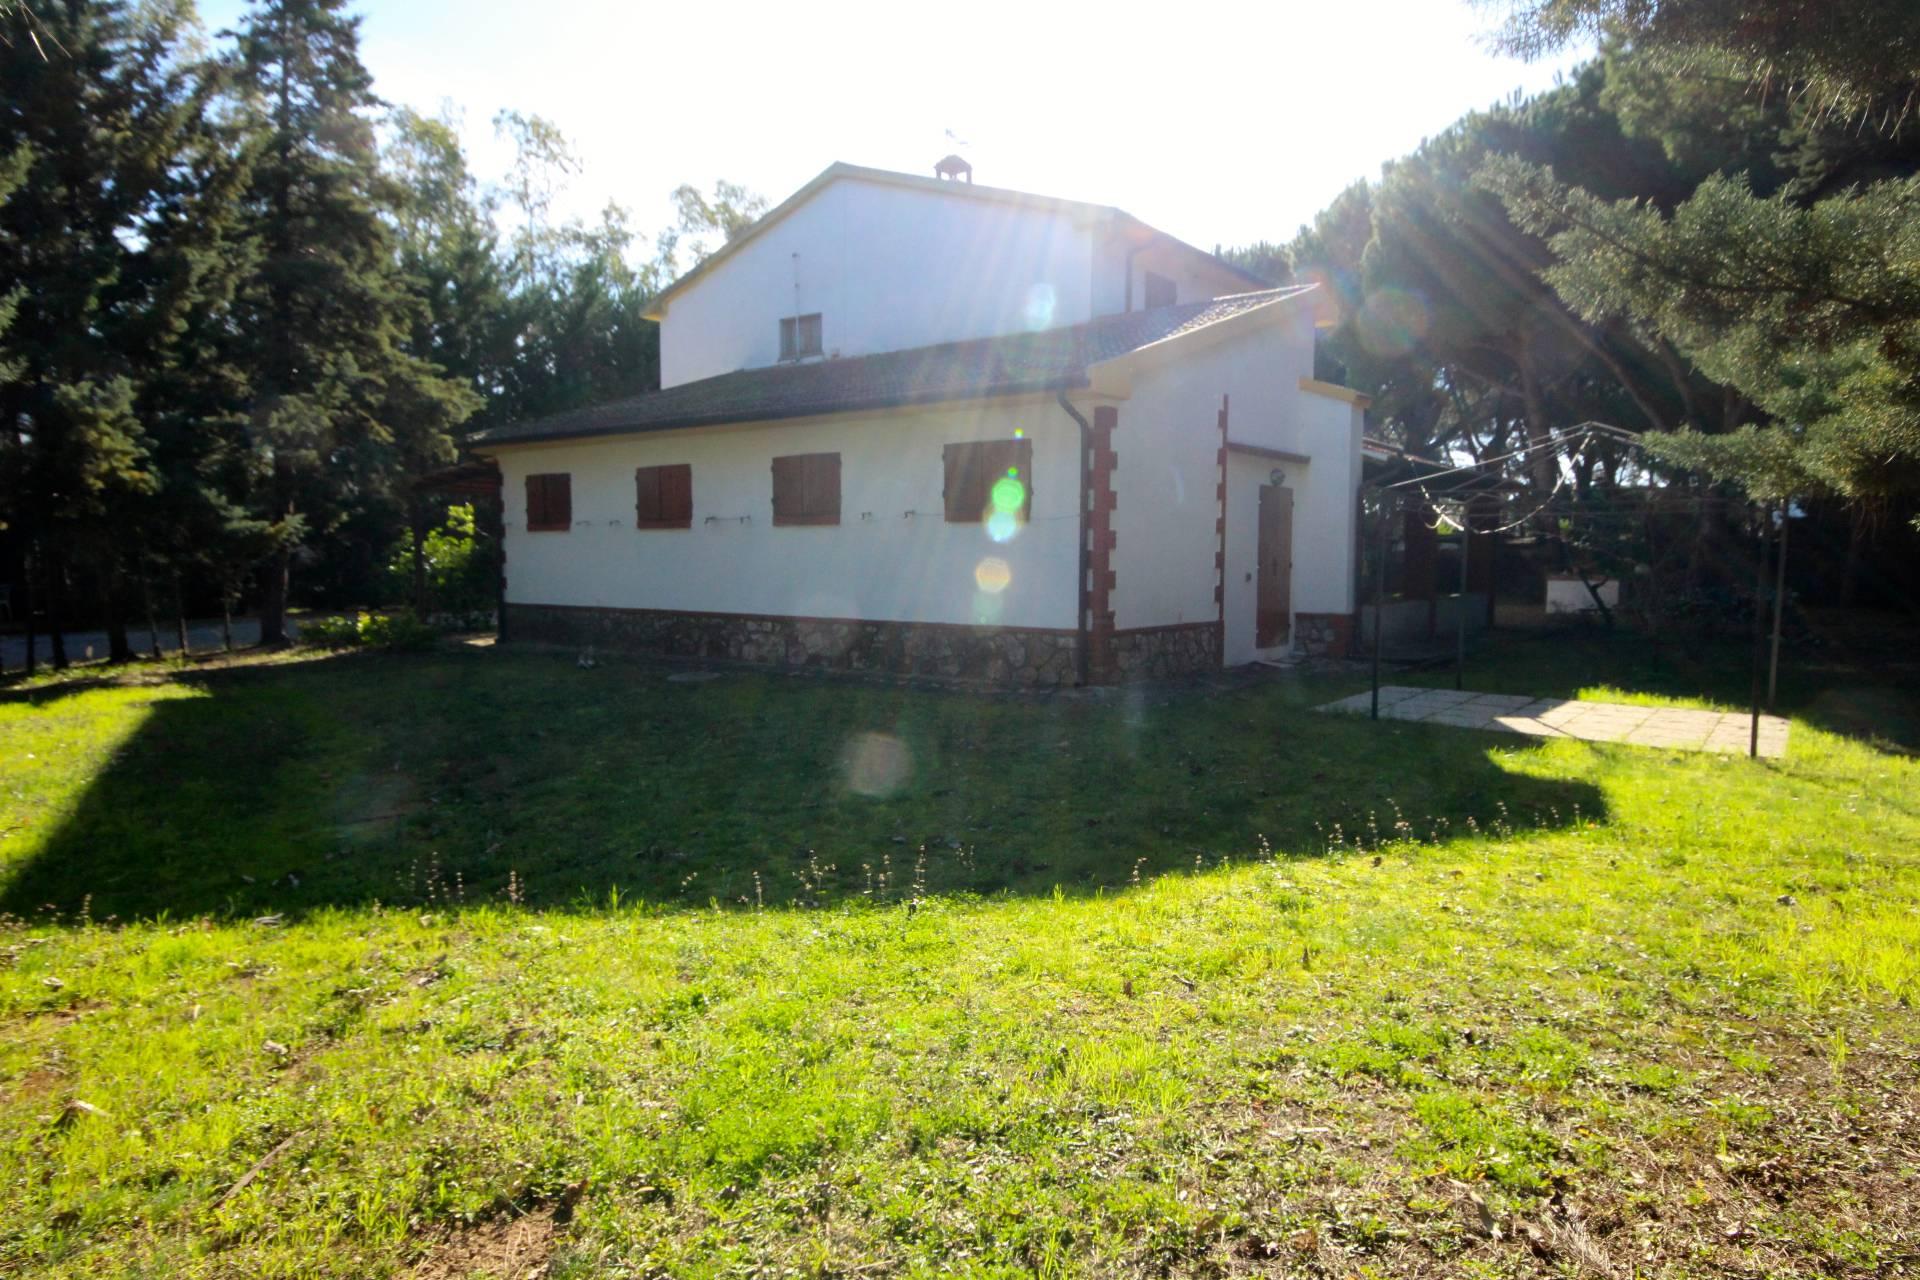 Rustico / Casale in vendita a Orbetello, 10 locali, zona Zona: Giannella, prezzo € 980.000 | Cambio Casa.it